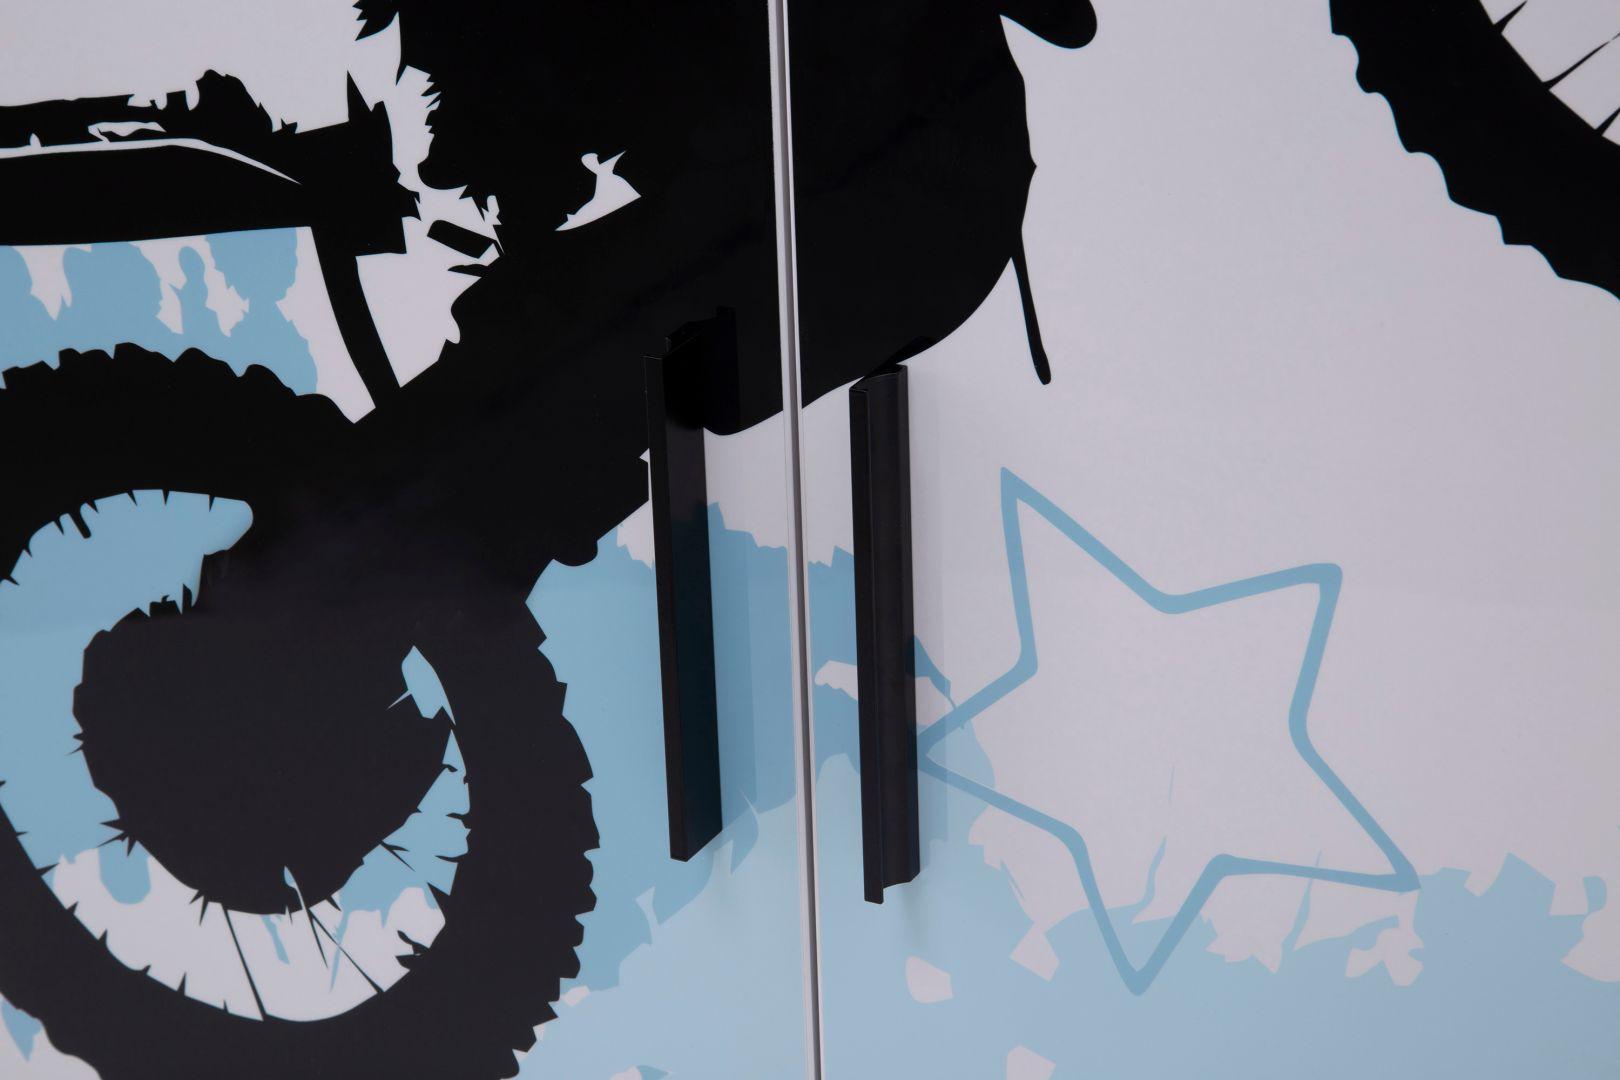 Kolekcja mebli Motocross do pokoju nastolatka. Ceny: regał - od 229 zł, szafa - od 569 zł, komoda - 899 zł, łóżko - 999 zł, biurko - 699 zł. Sprzedaż: Salony Agata